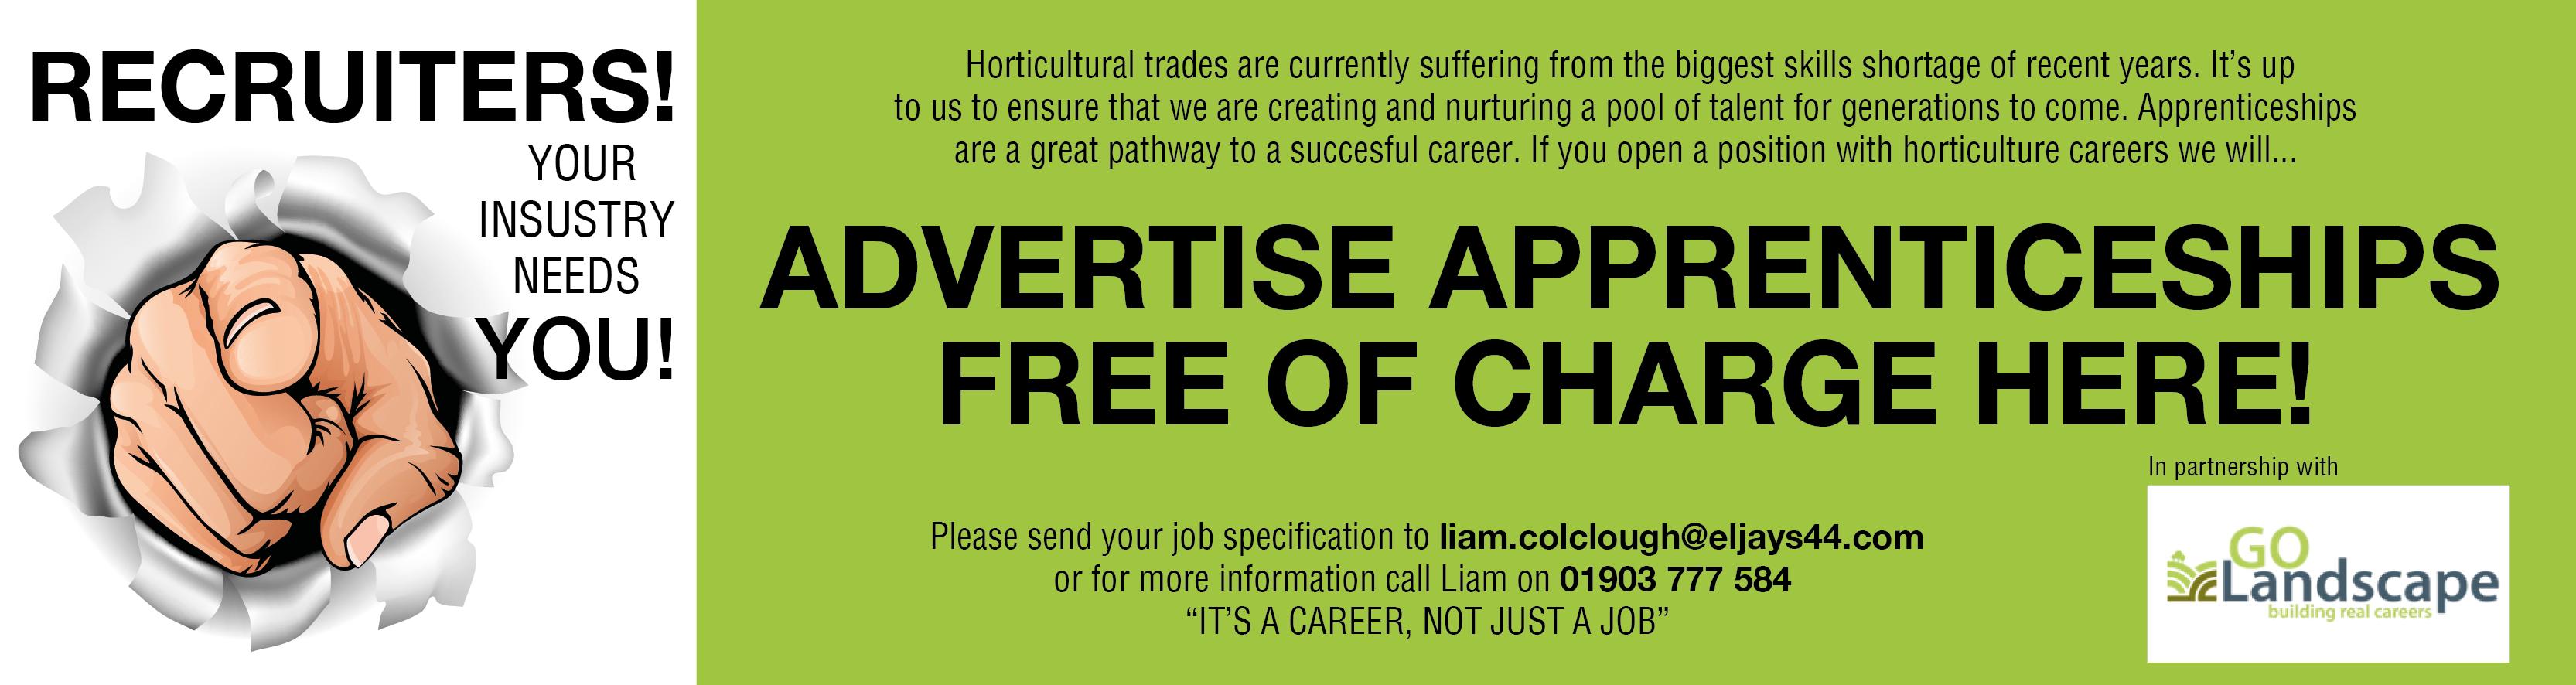 horticulture apprenticeship